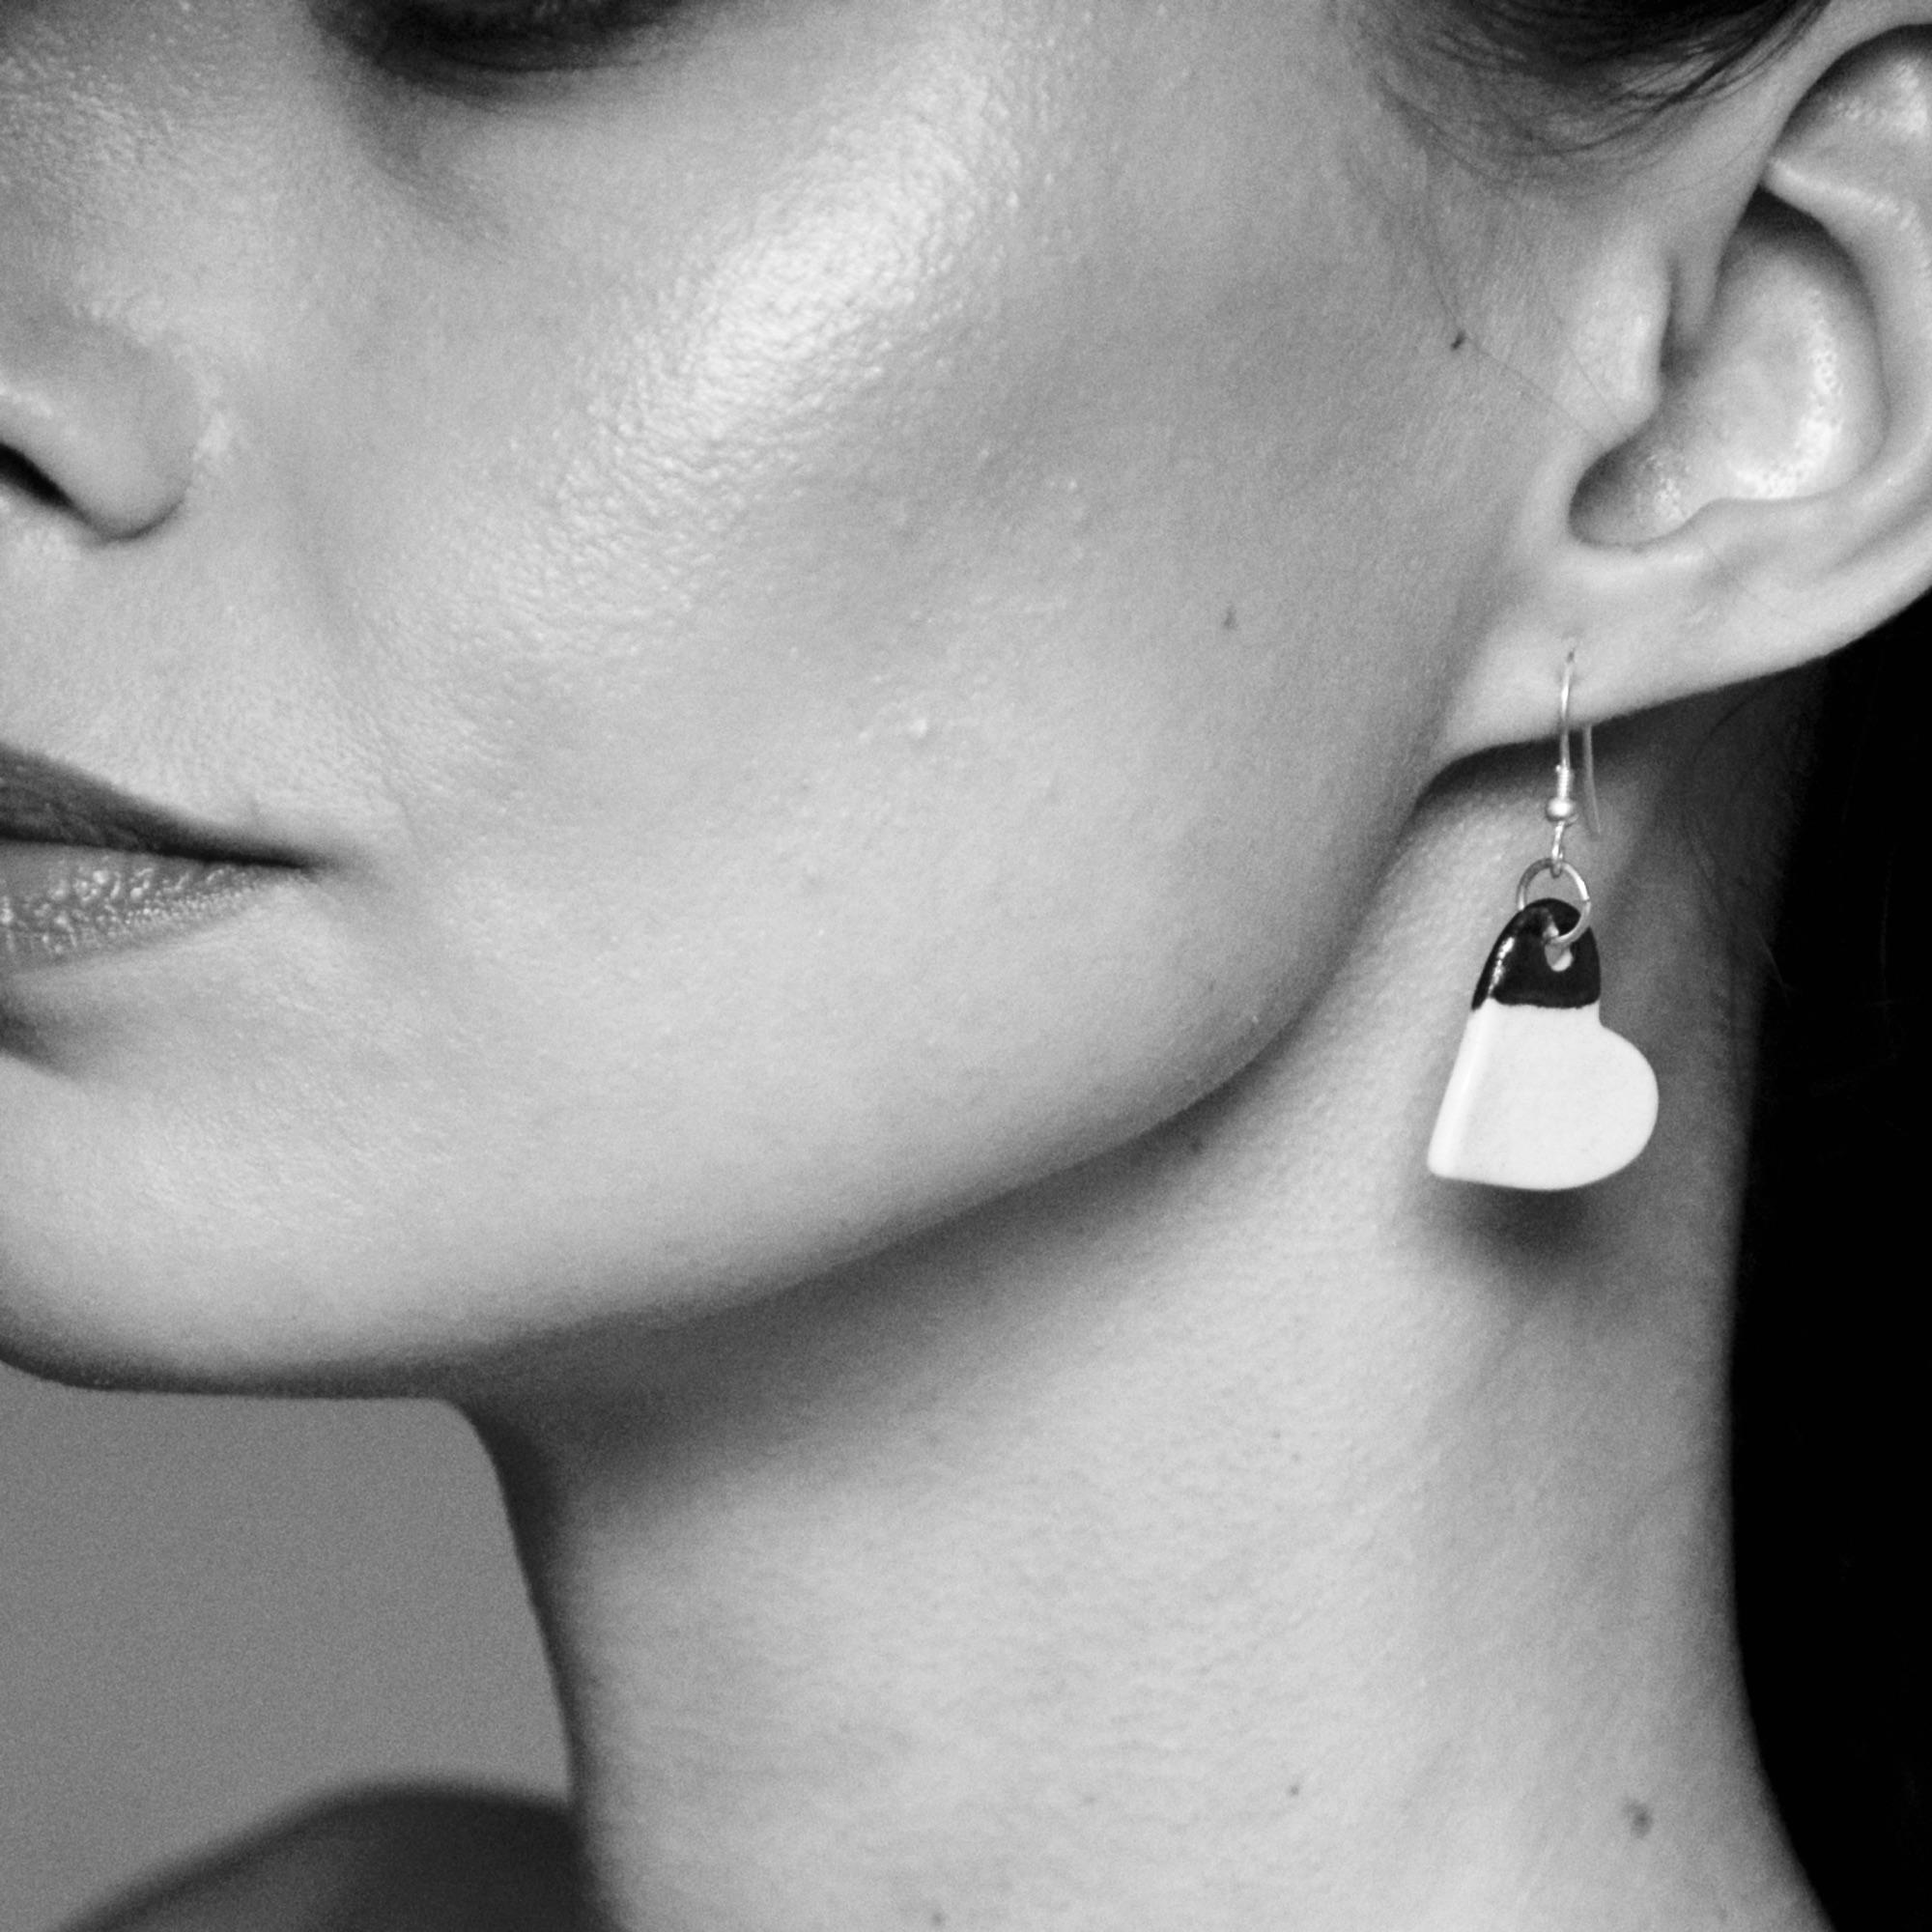 earrings in a shape of heart